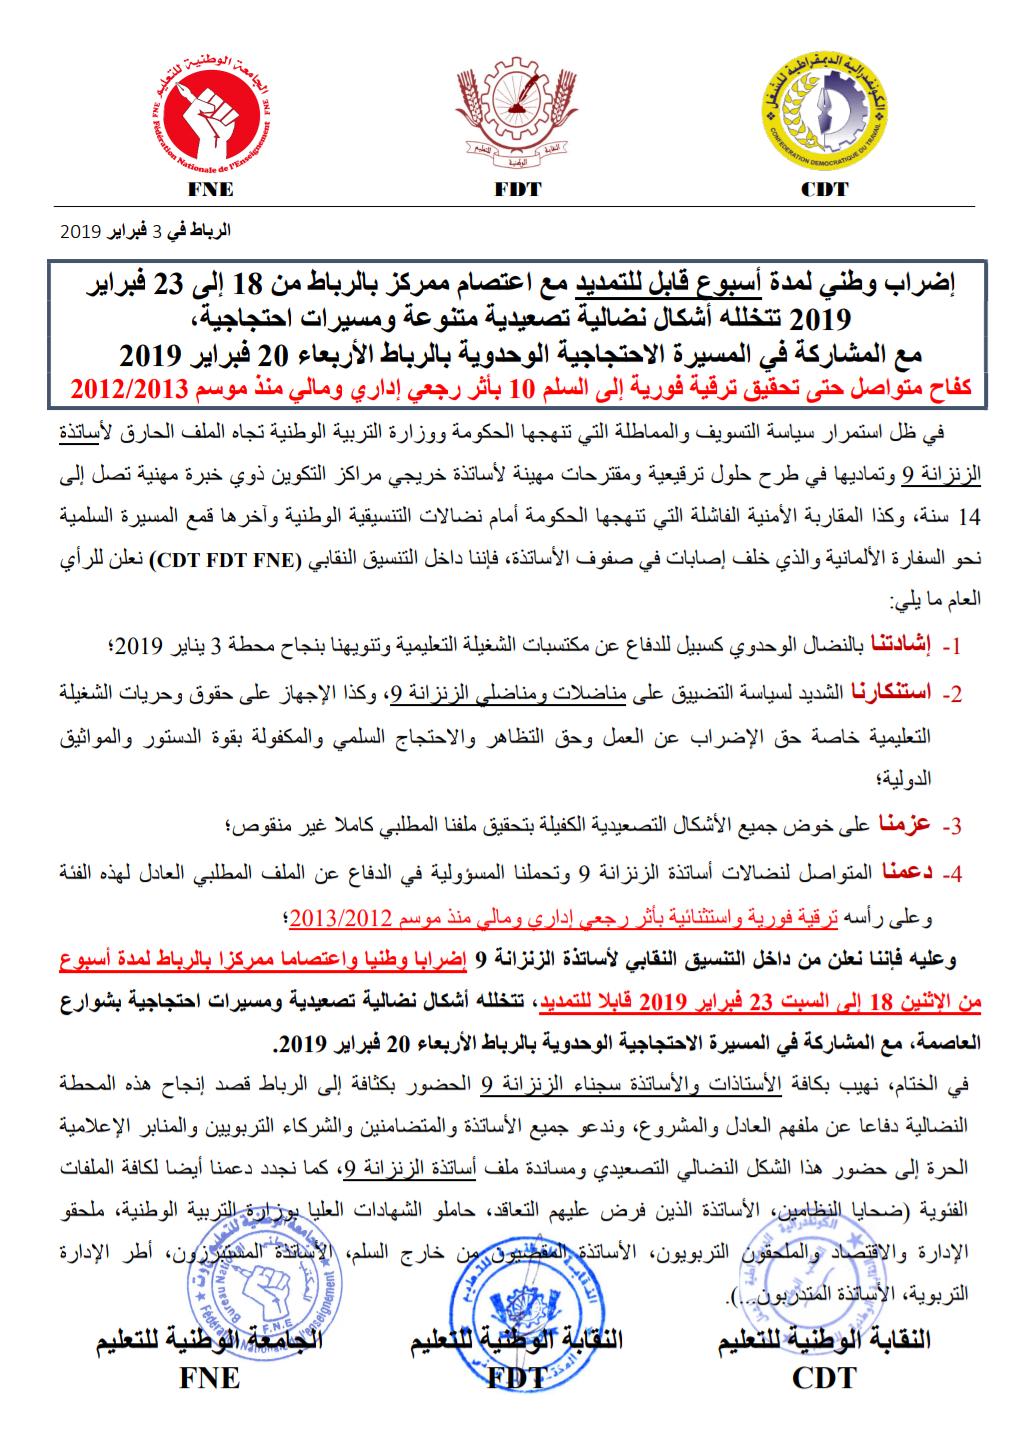 إضراب وطني أسبوع 18 إلى 23 فبراير 2019 واحتجاجات، مع